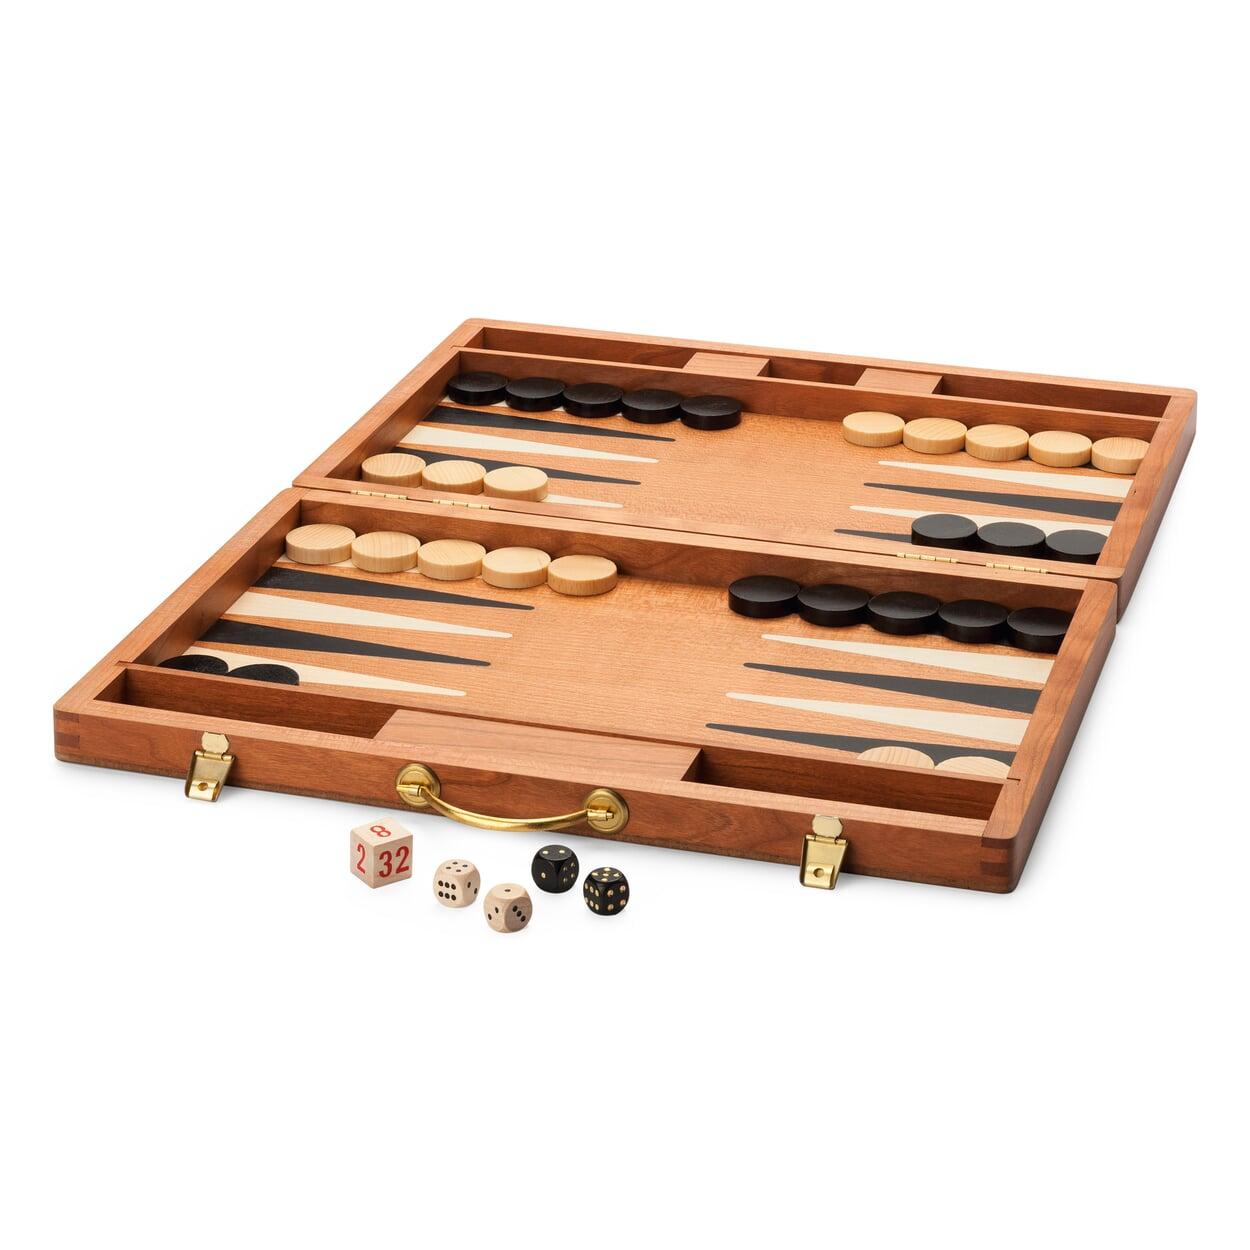 Backgammonspiel Kirschbaumholz